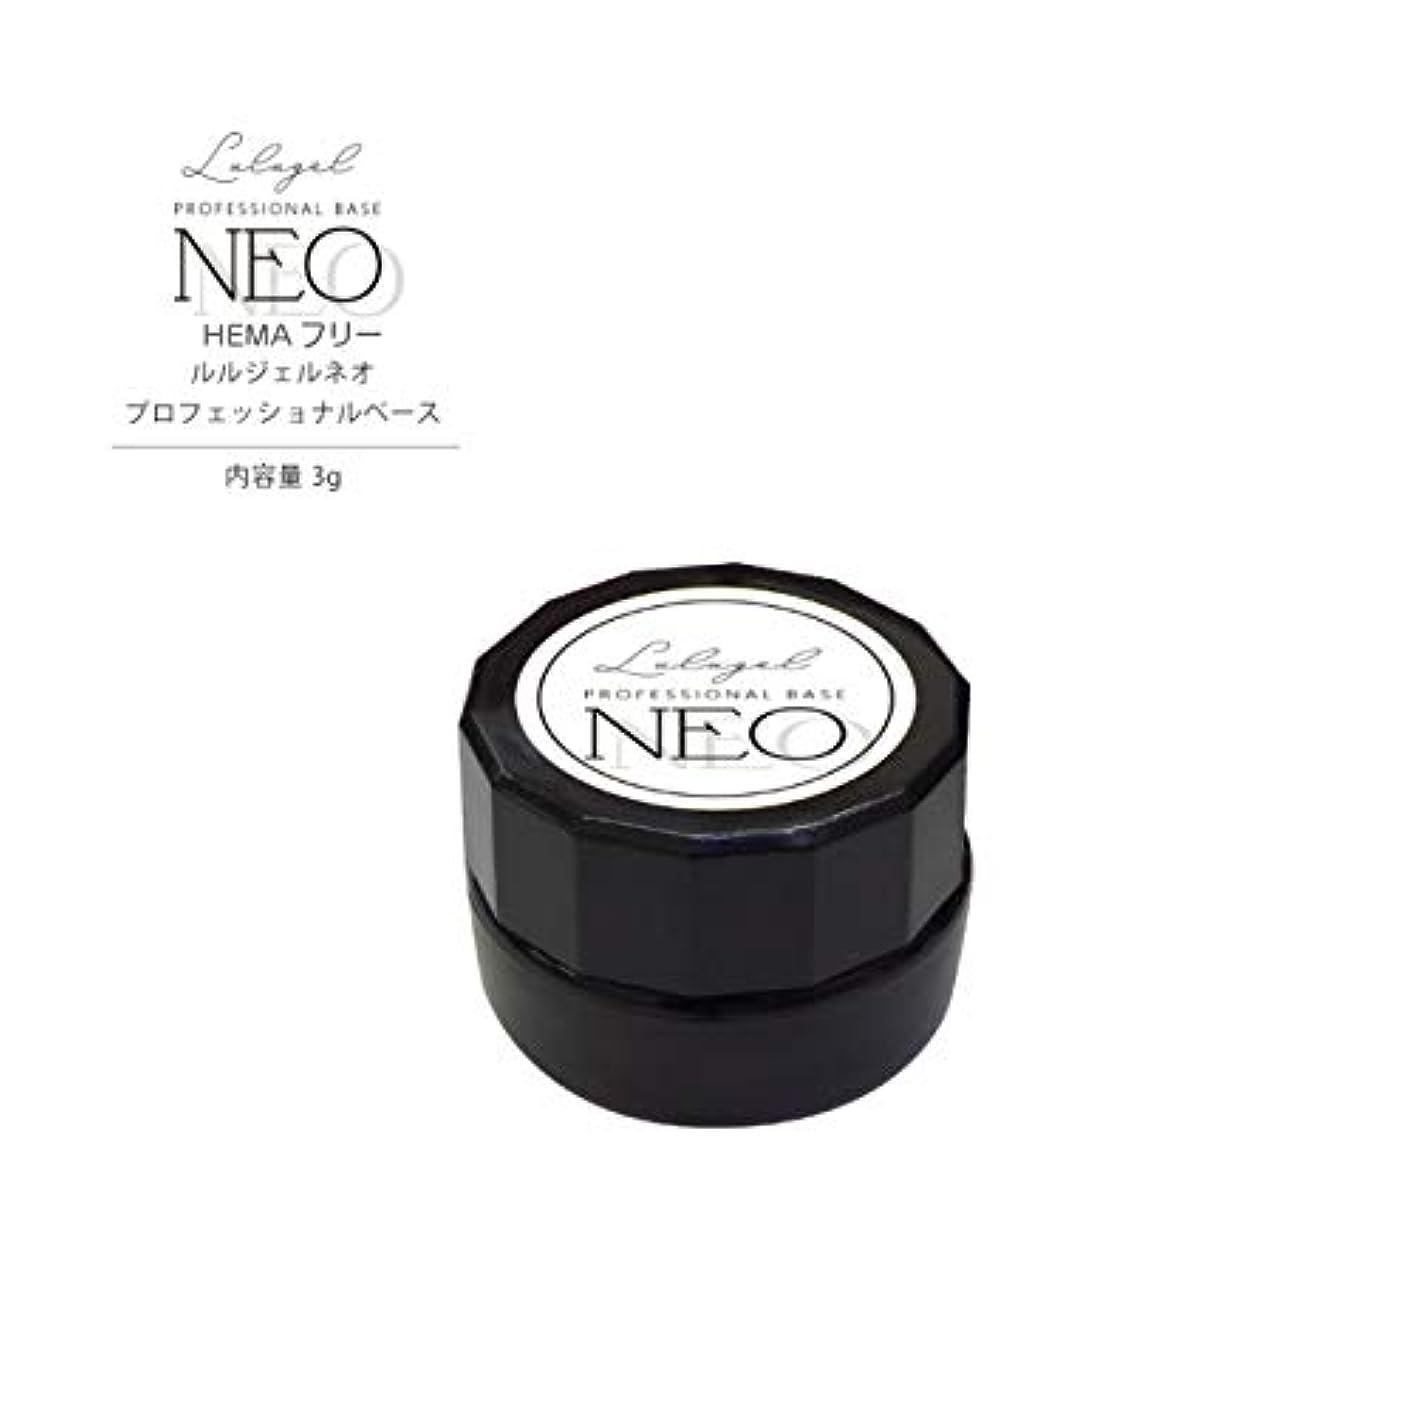 カッター愛する一次【ポリッシュカラージェルプレゼント付き】最新 ジェルネイル LULUGEL NEO プロフェッショナル ベース 3g 爪用化粧料